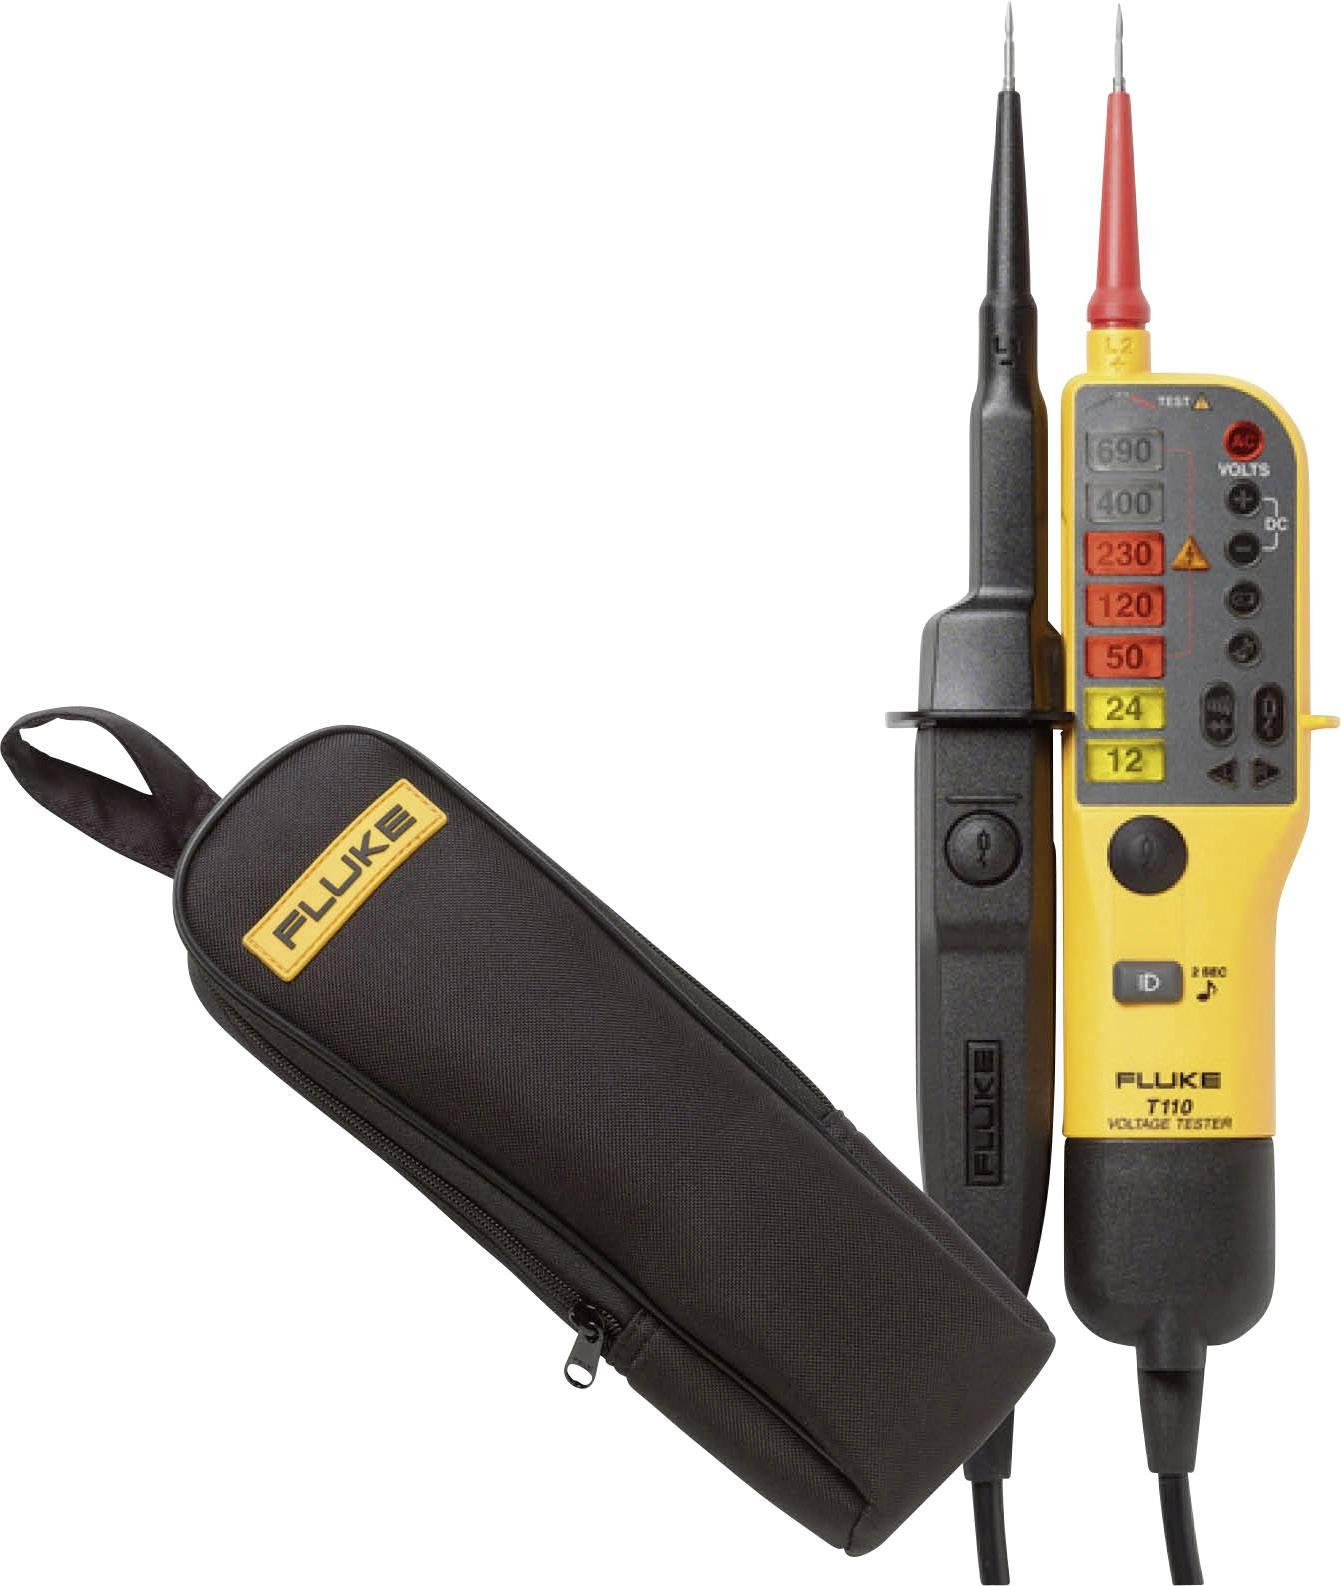 LCD CAT IV 600 V Akustik HT Instruments HT10 Zweipoliger Spannungspr/üfer CAT III 1000 V LED Bargraph